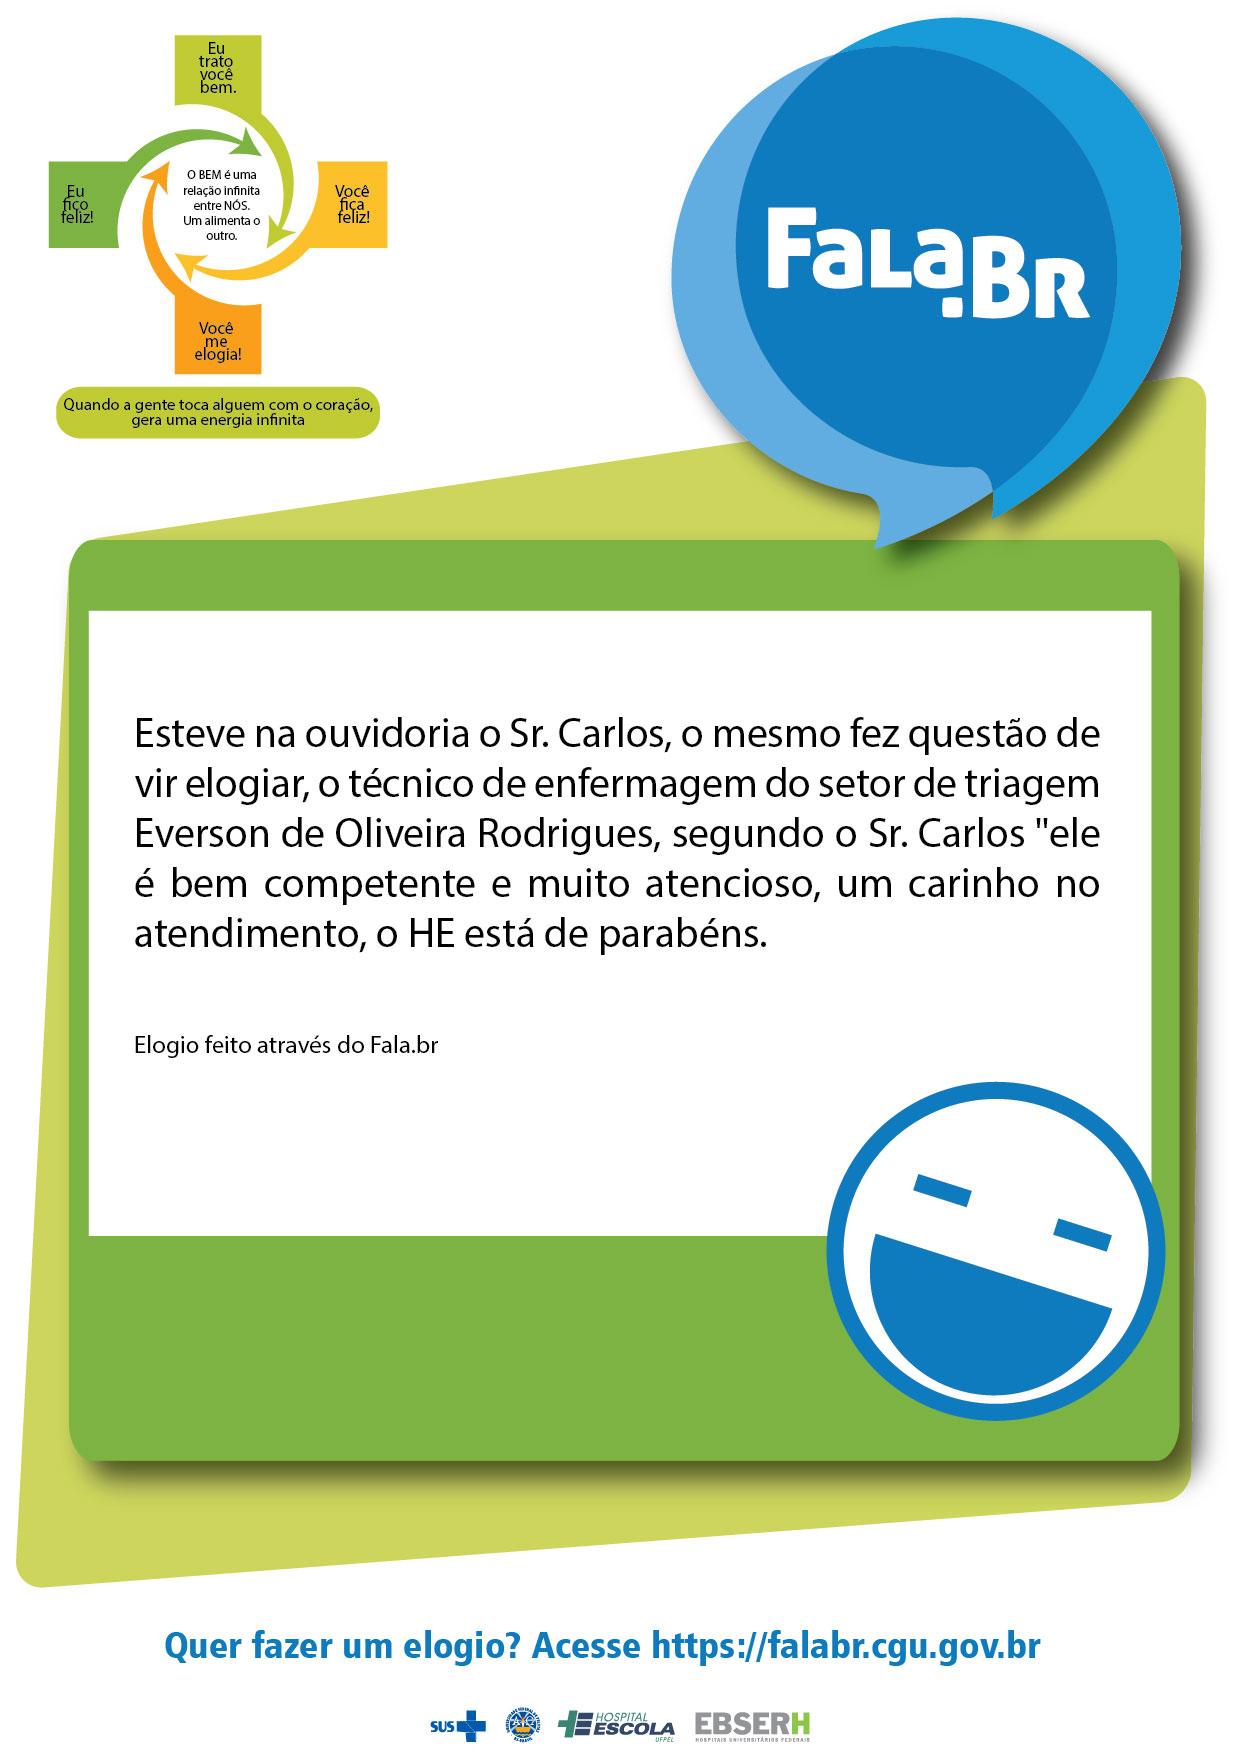 Paper Elogio_Everson_Triagem-01